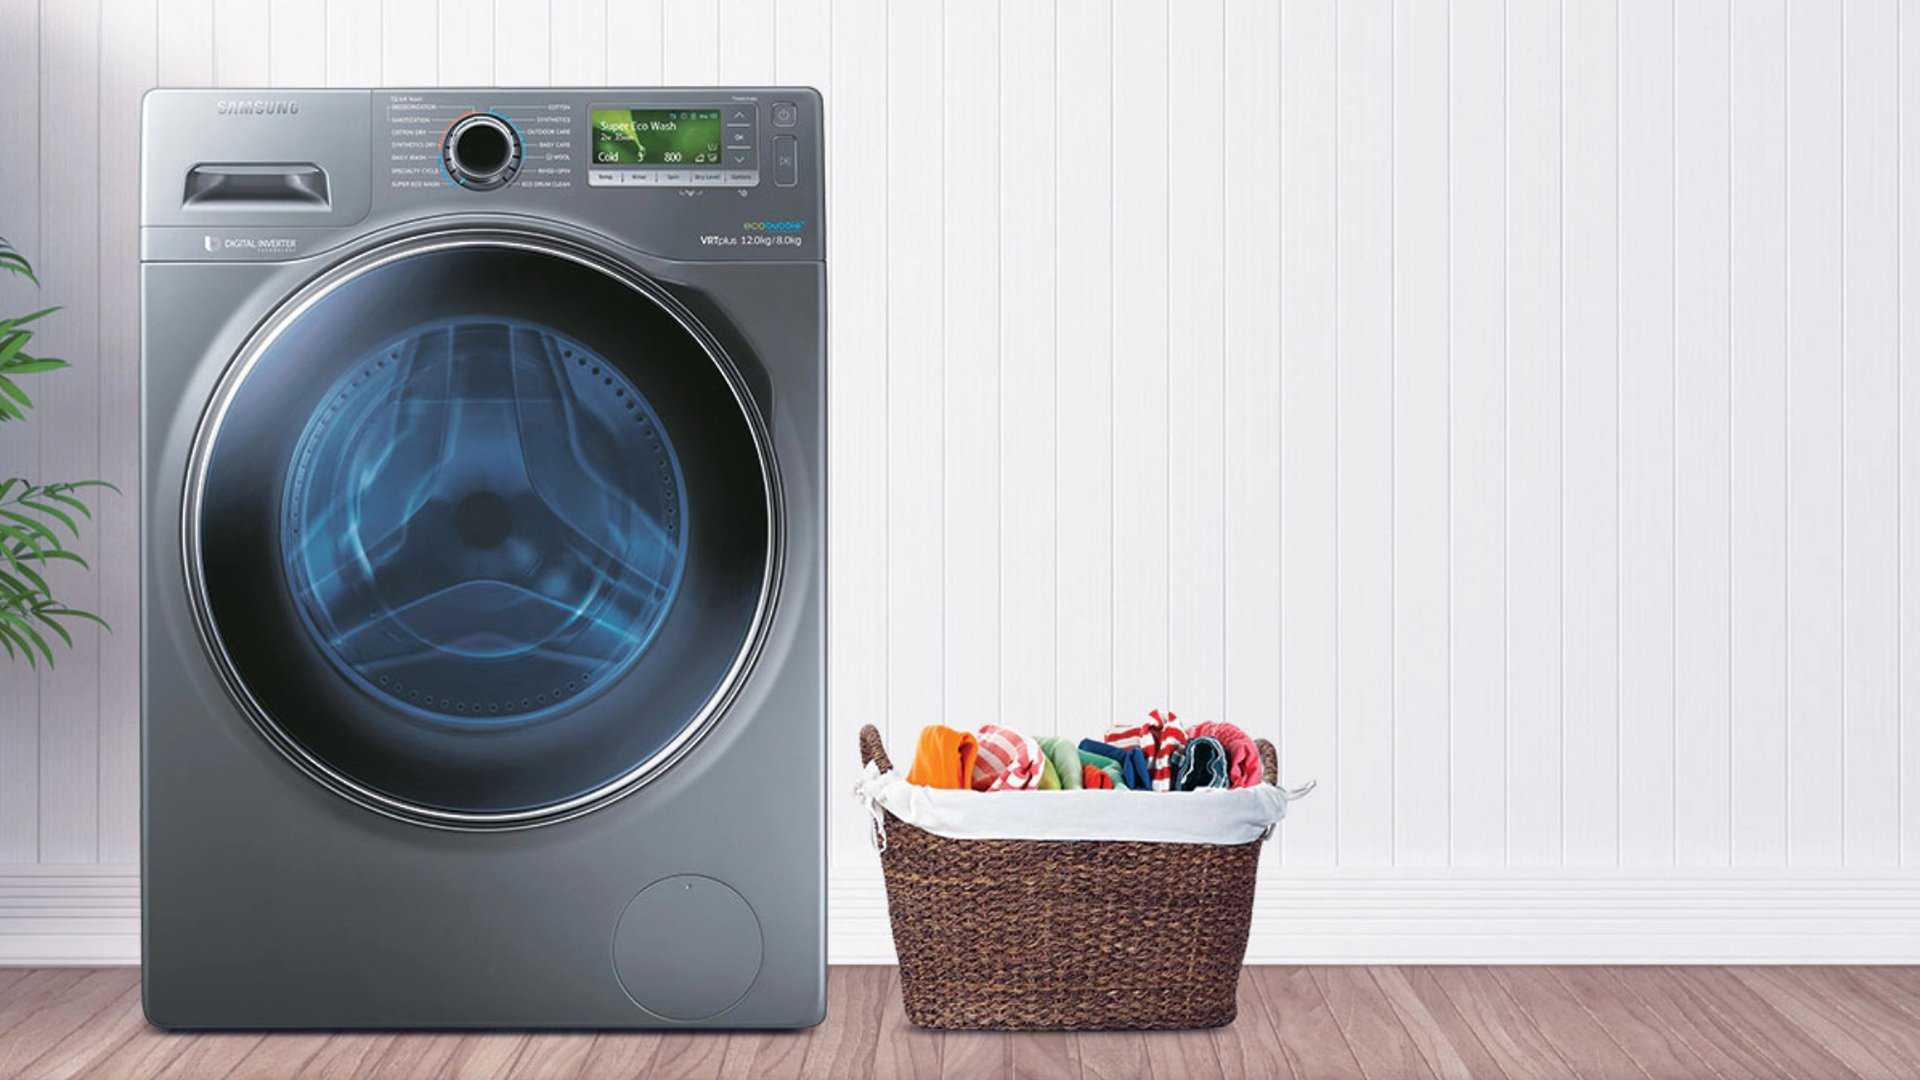 Применение озона для стирки в стиральной машине